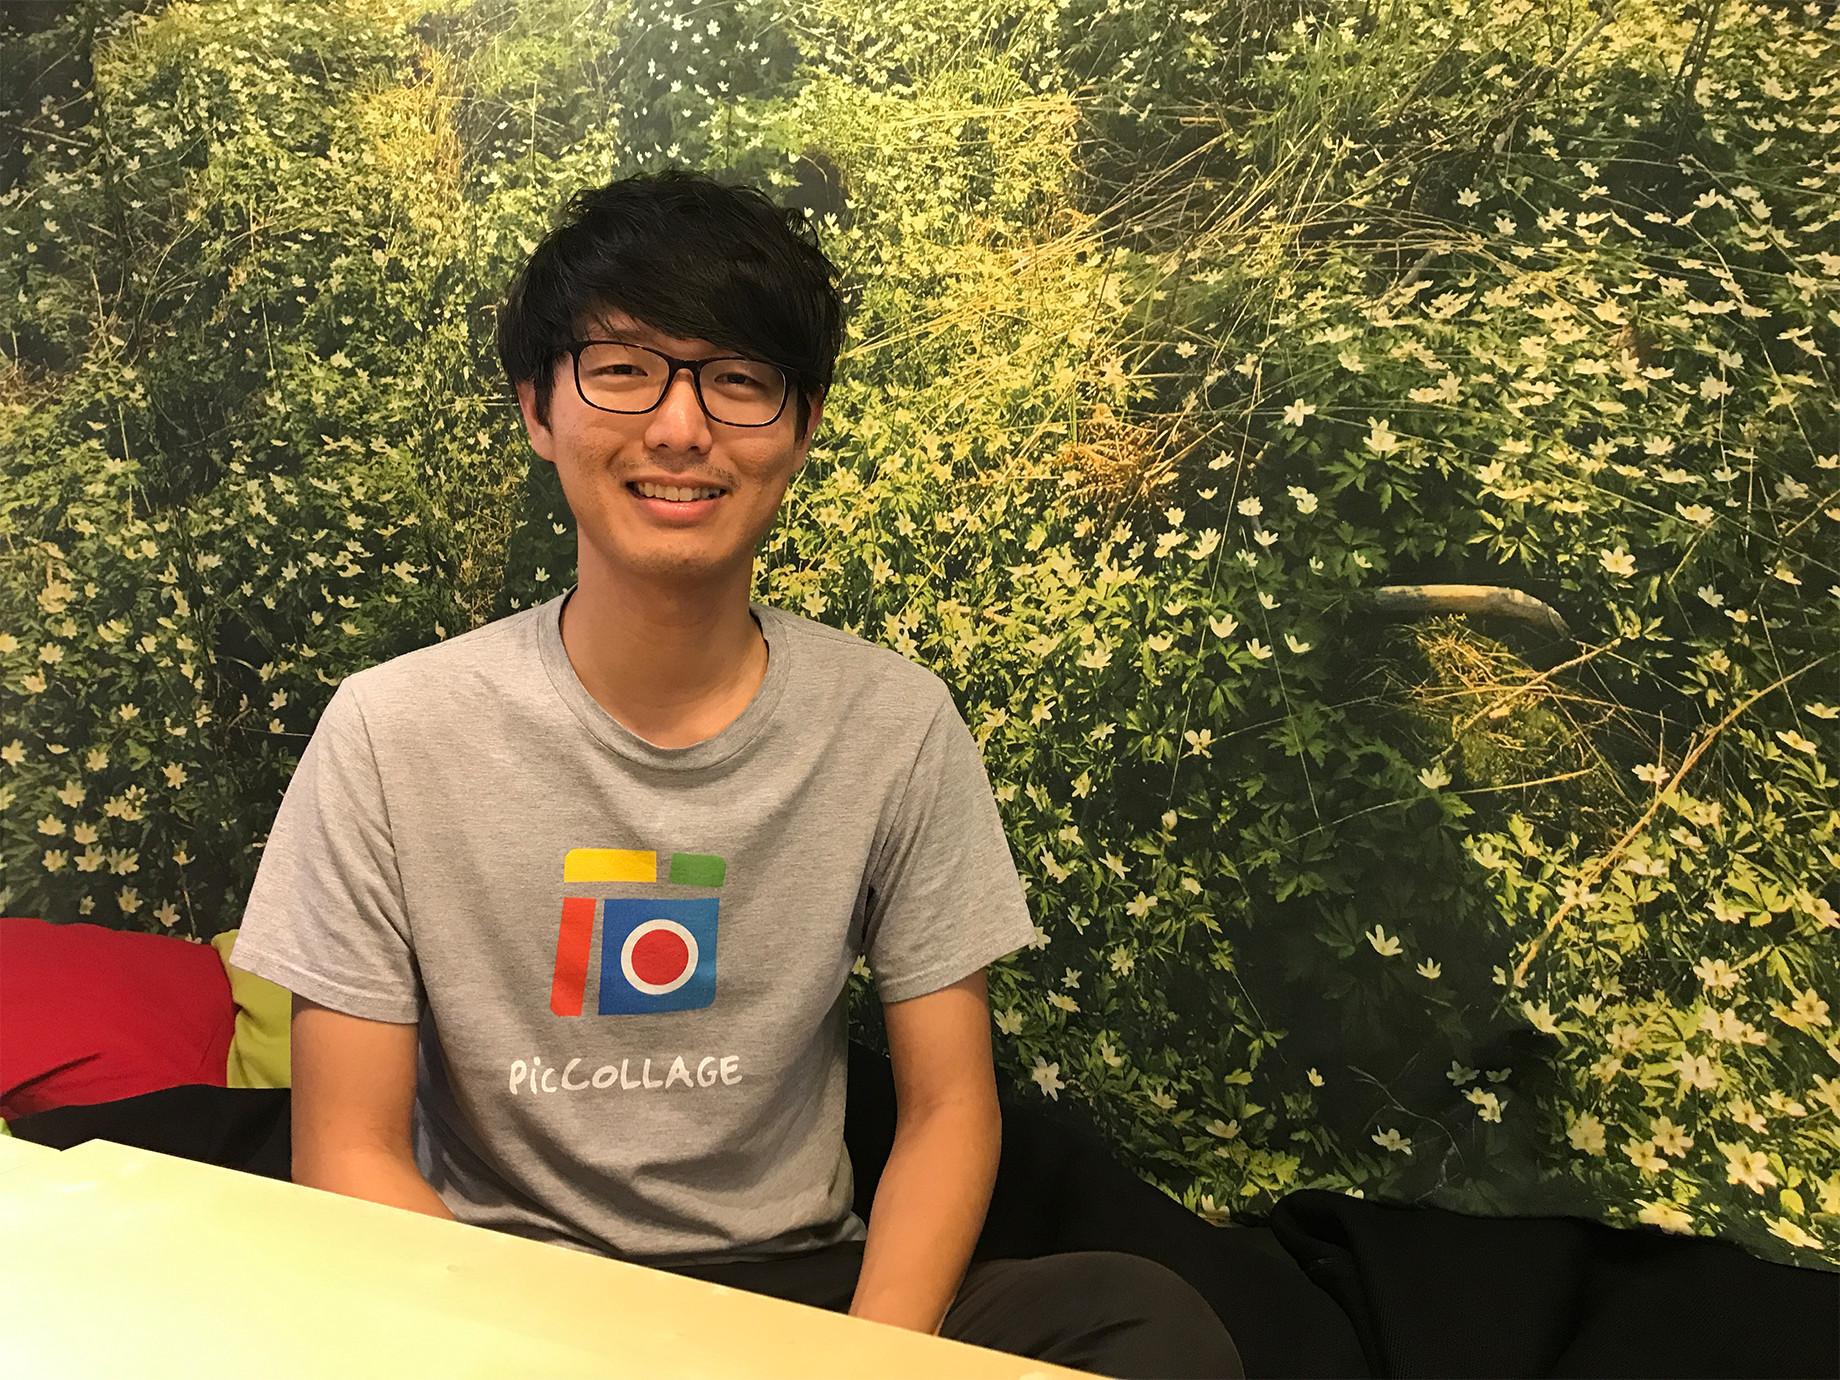 工作分享》熊俊魁(拼貼趣Android工程師):別讓網路專業,侷限自己的影響力